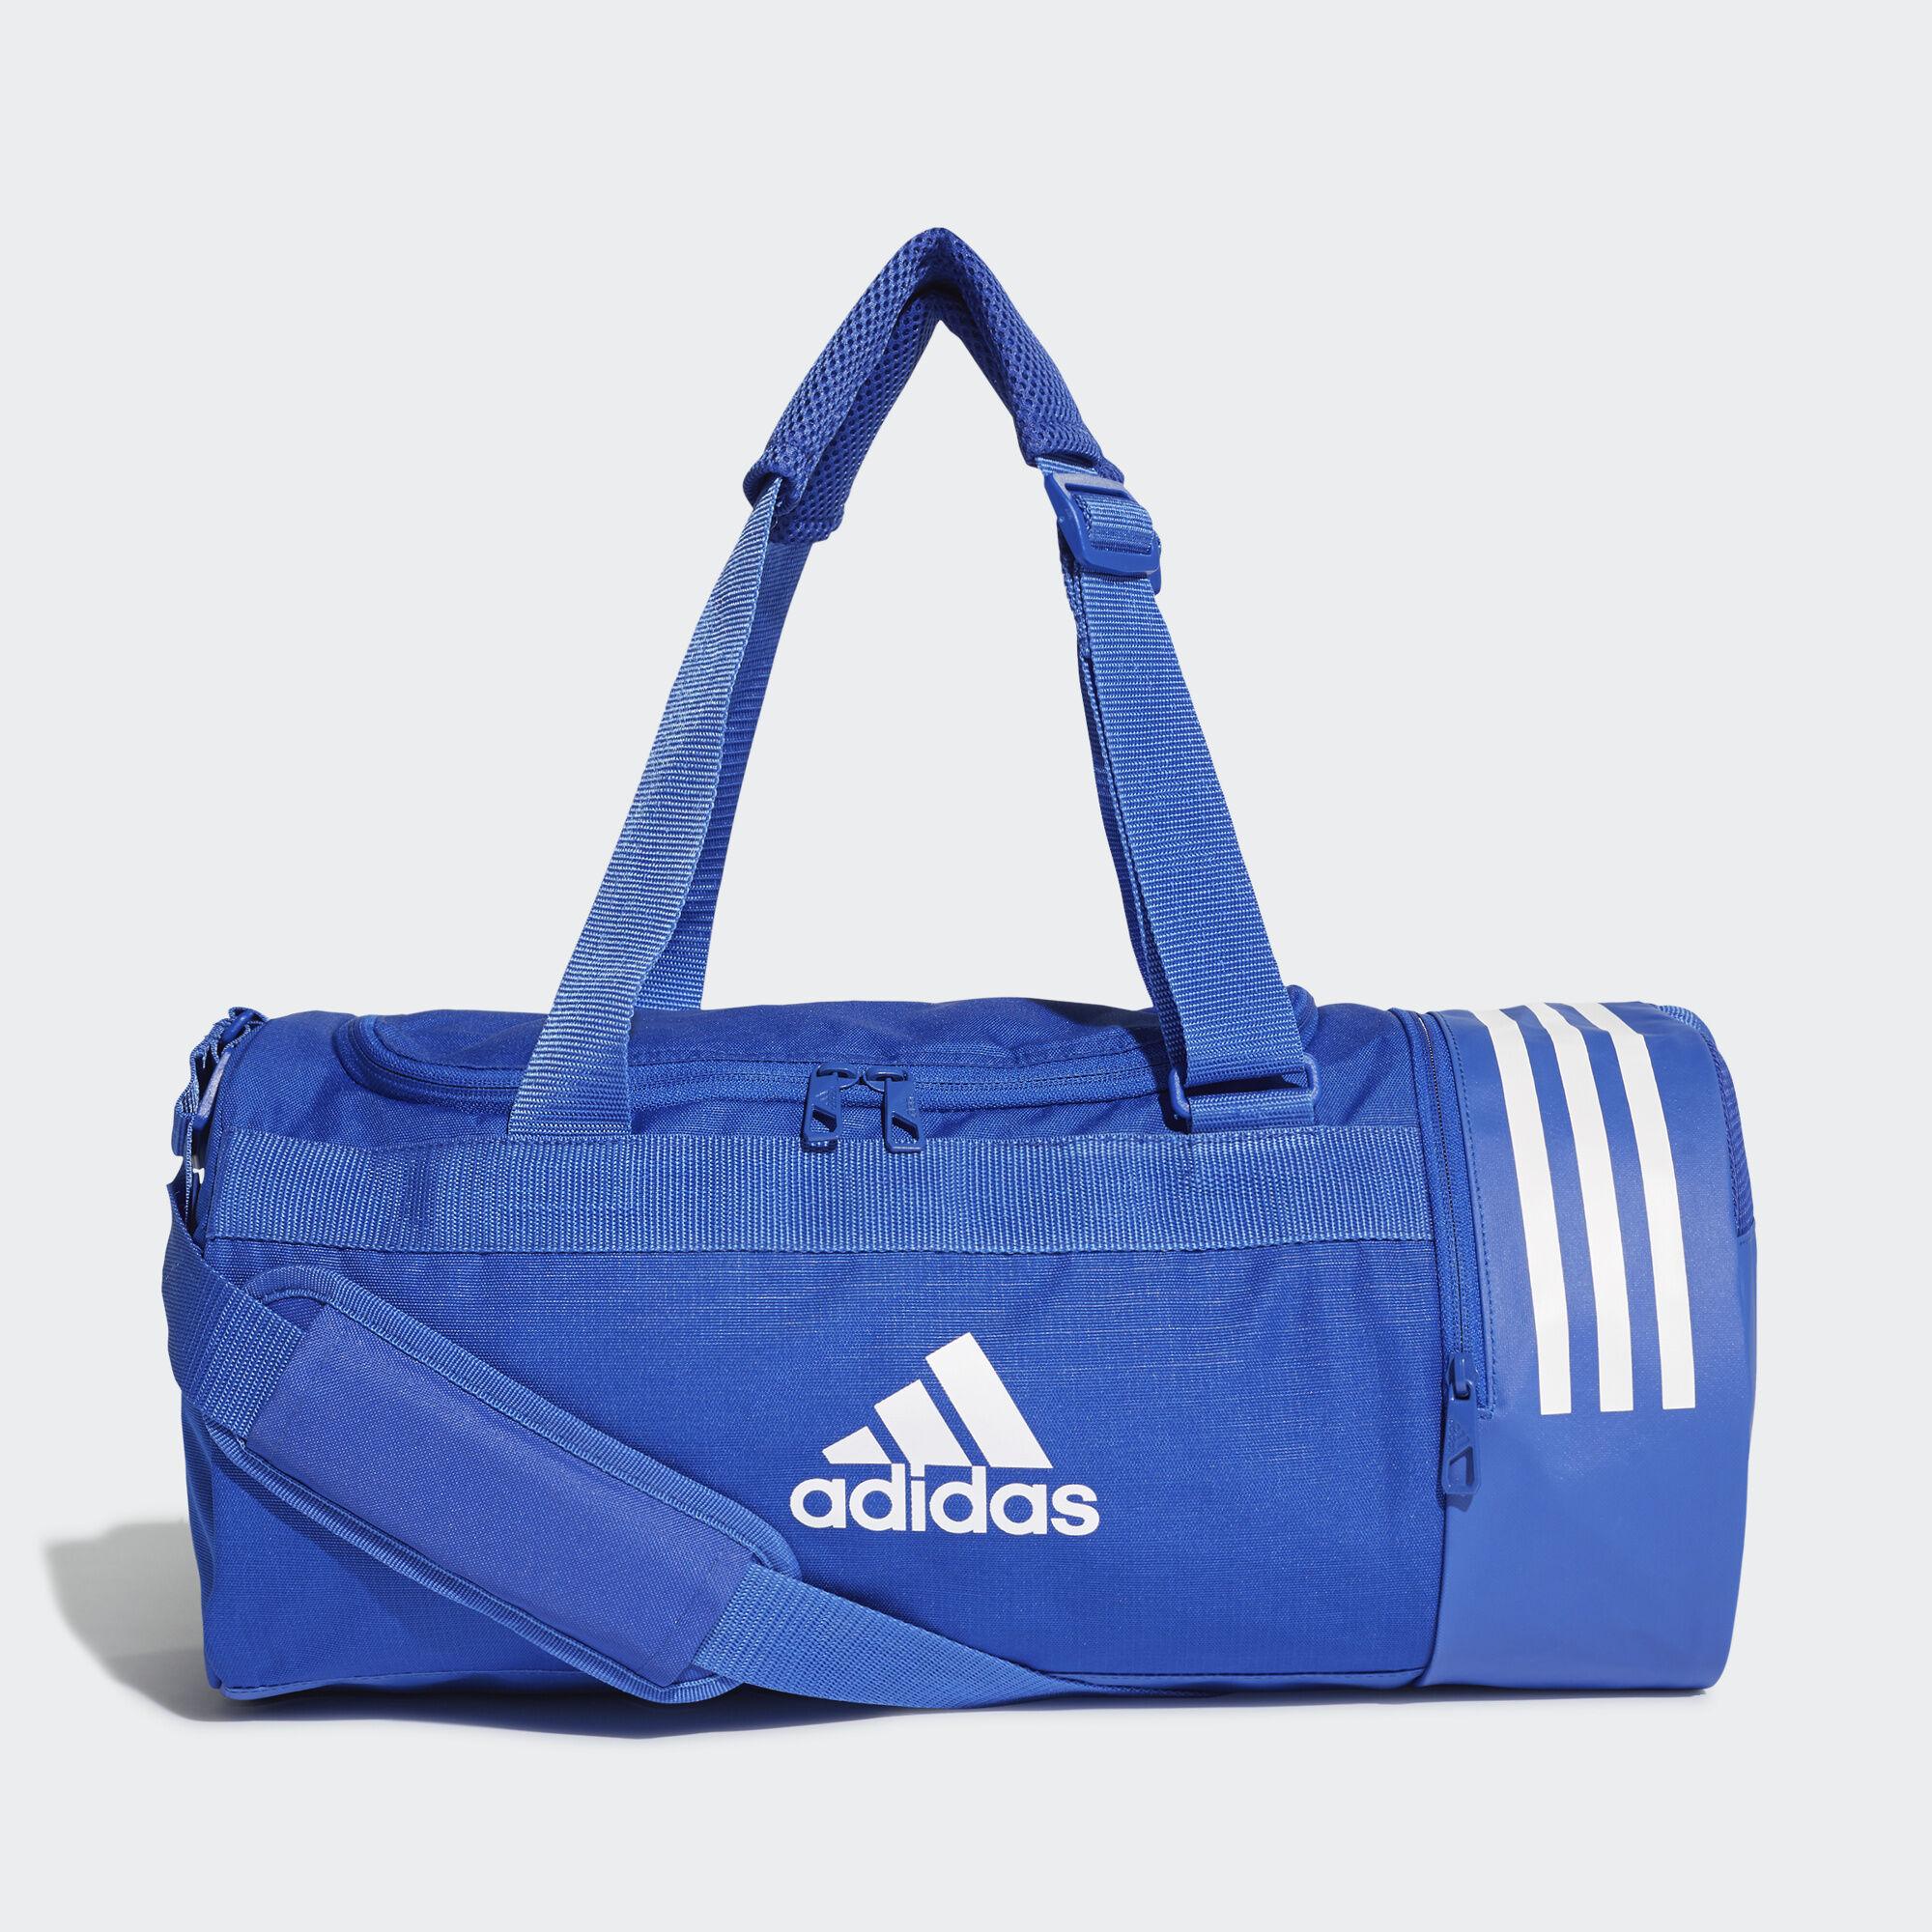 adidas - Convertible 3-Stripes Duffel Bag Small Bold Blue   White   White  DT8646 5edf77a50b41d